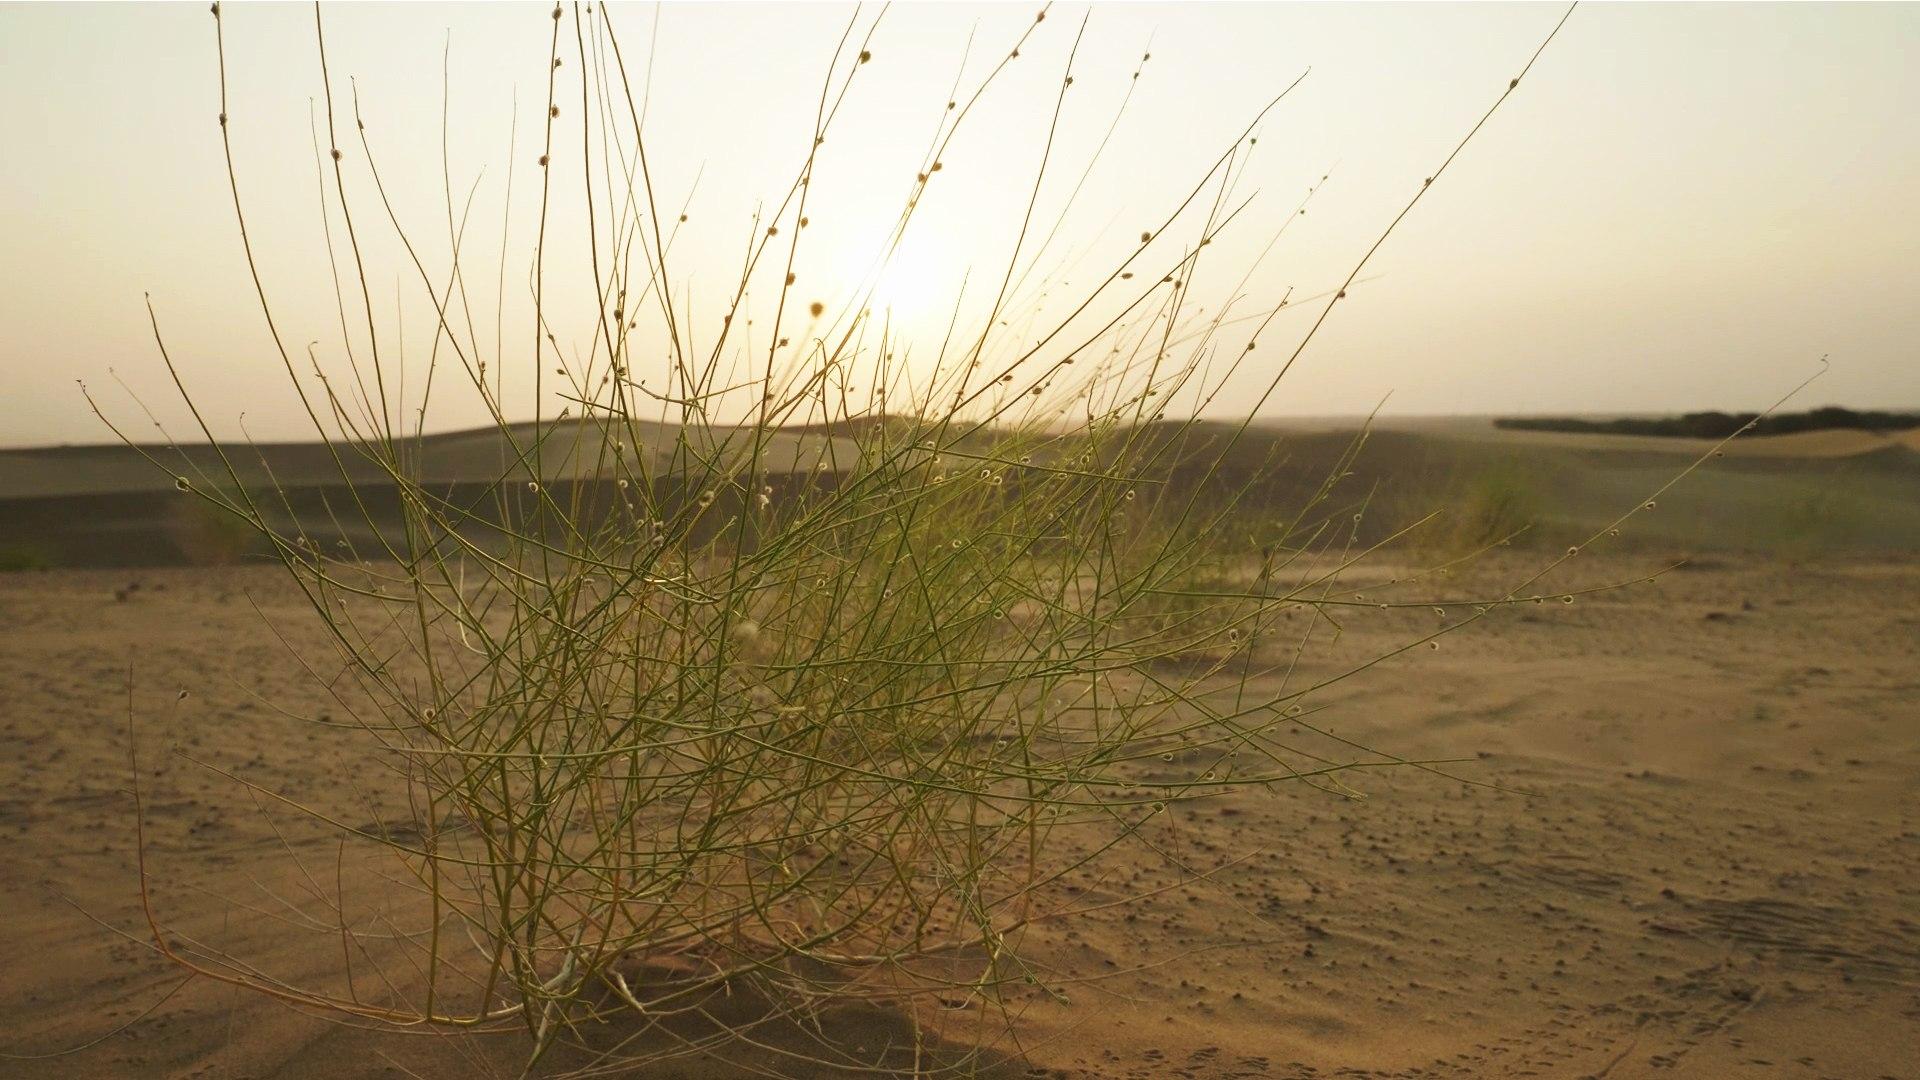 Thar: The Secret Lives of a Harsh Desert